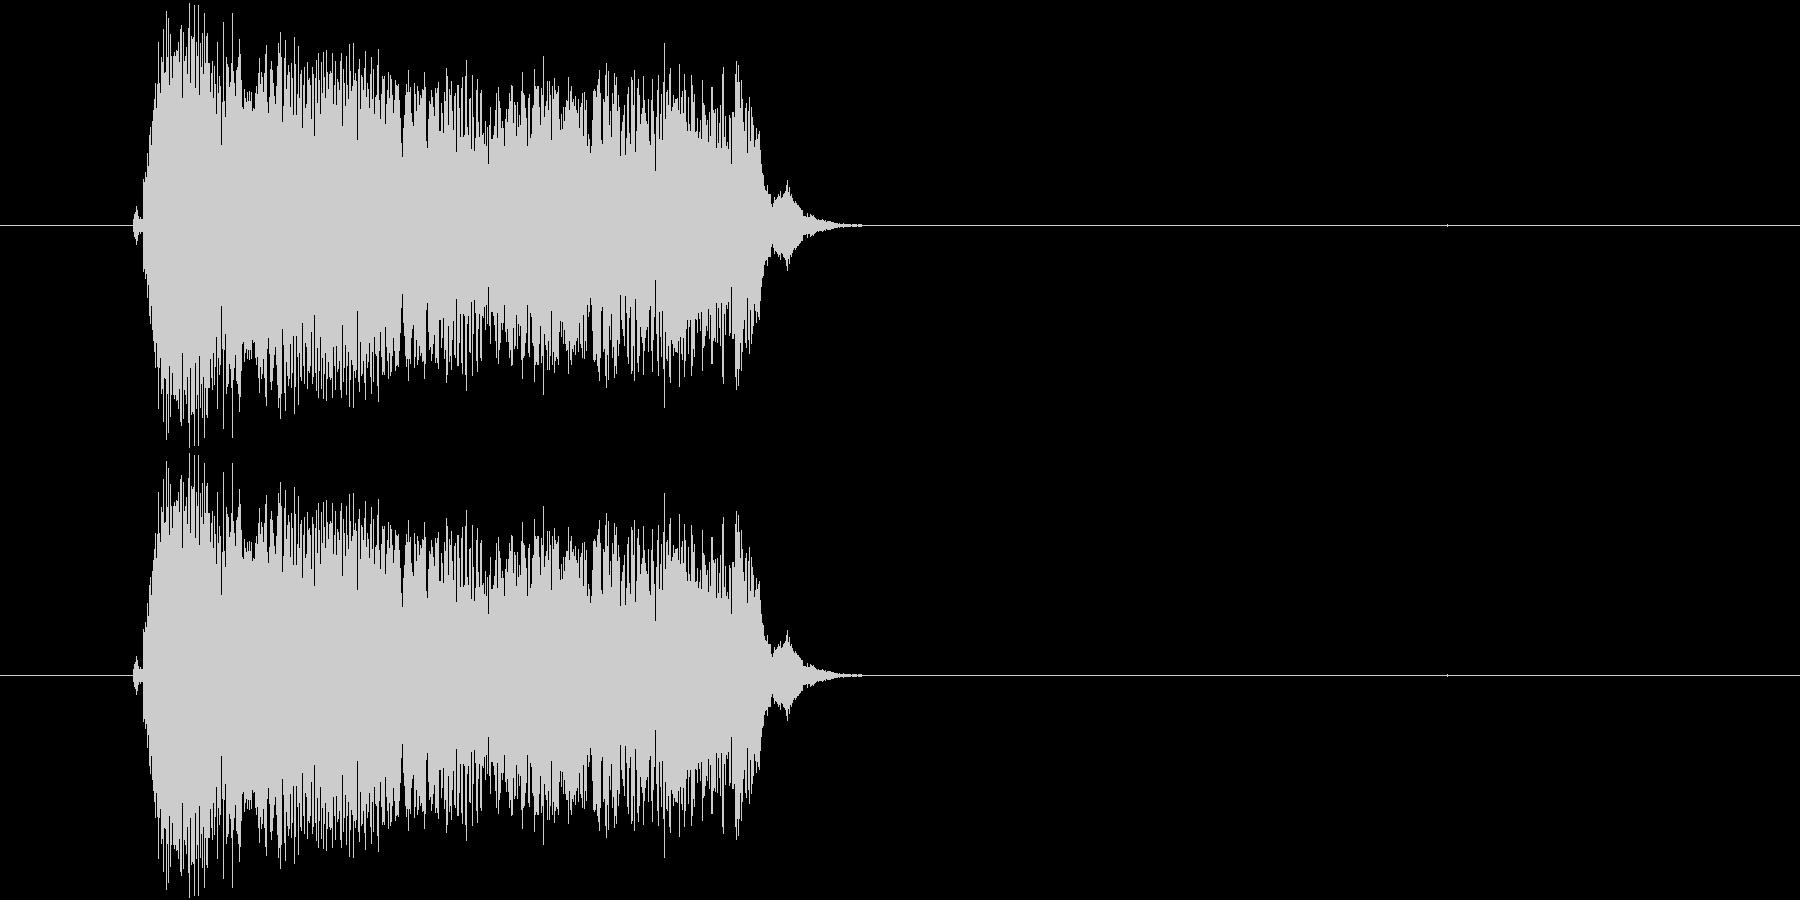 子どもの叫び声(3声)の未再生の波形